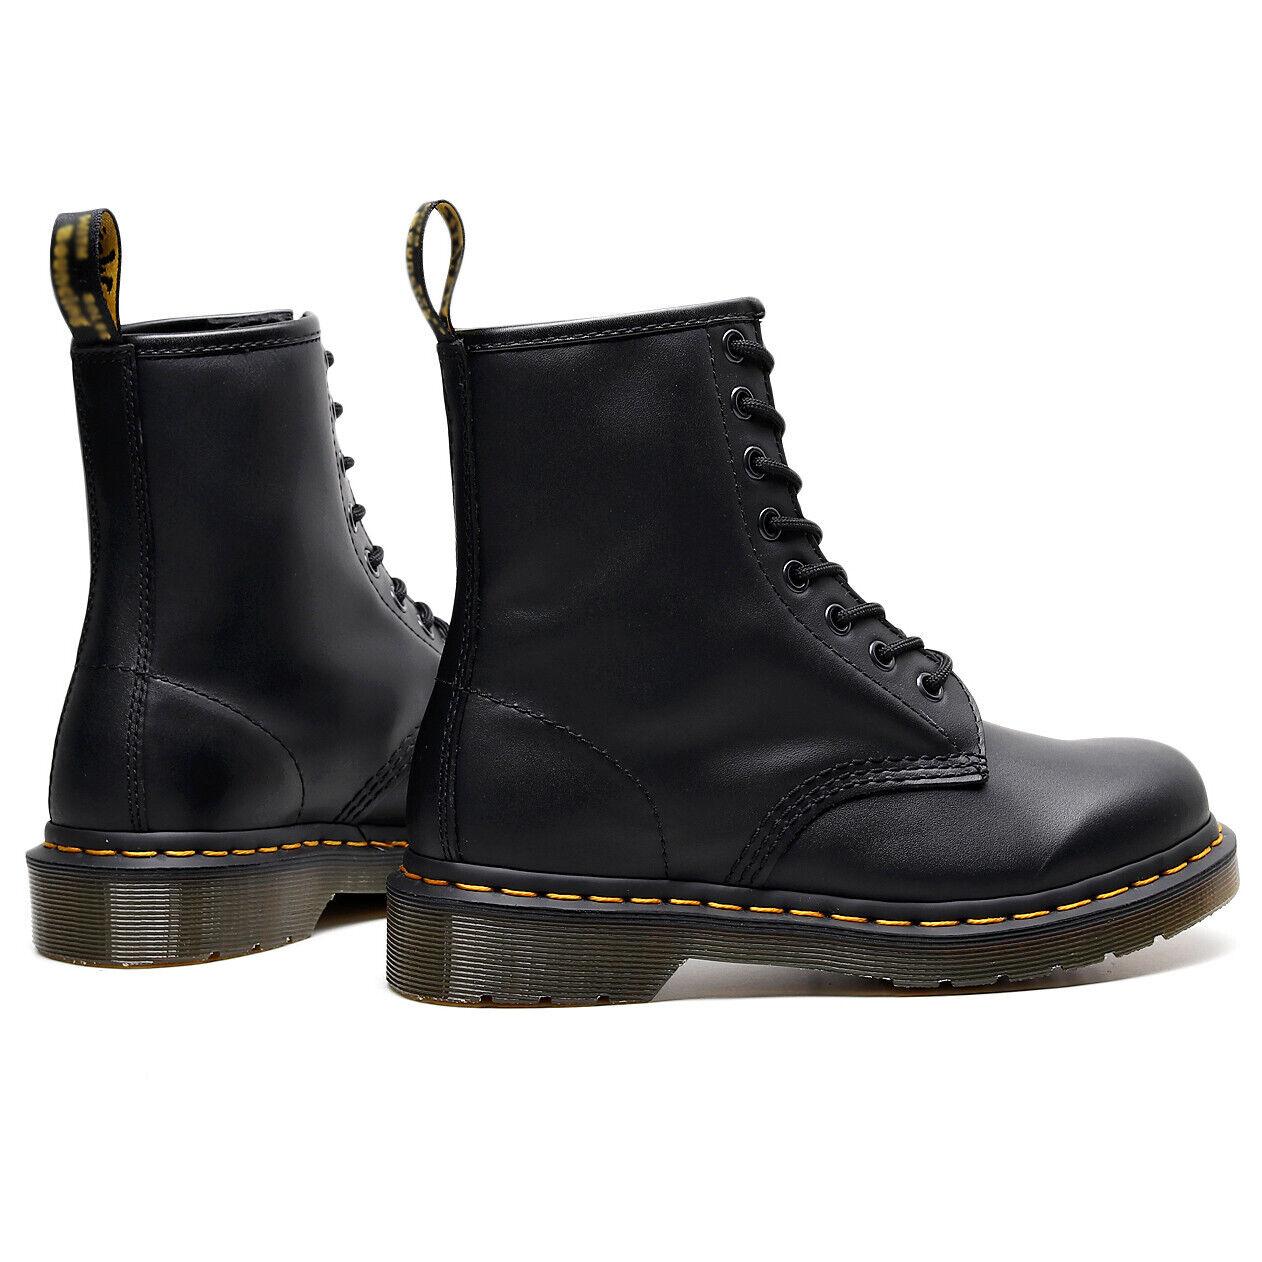 Damen Worker Boots Warm Gefütterte Stiefel Profil